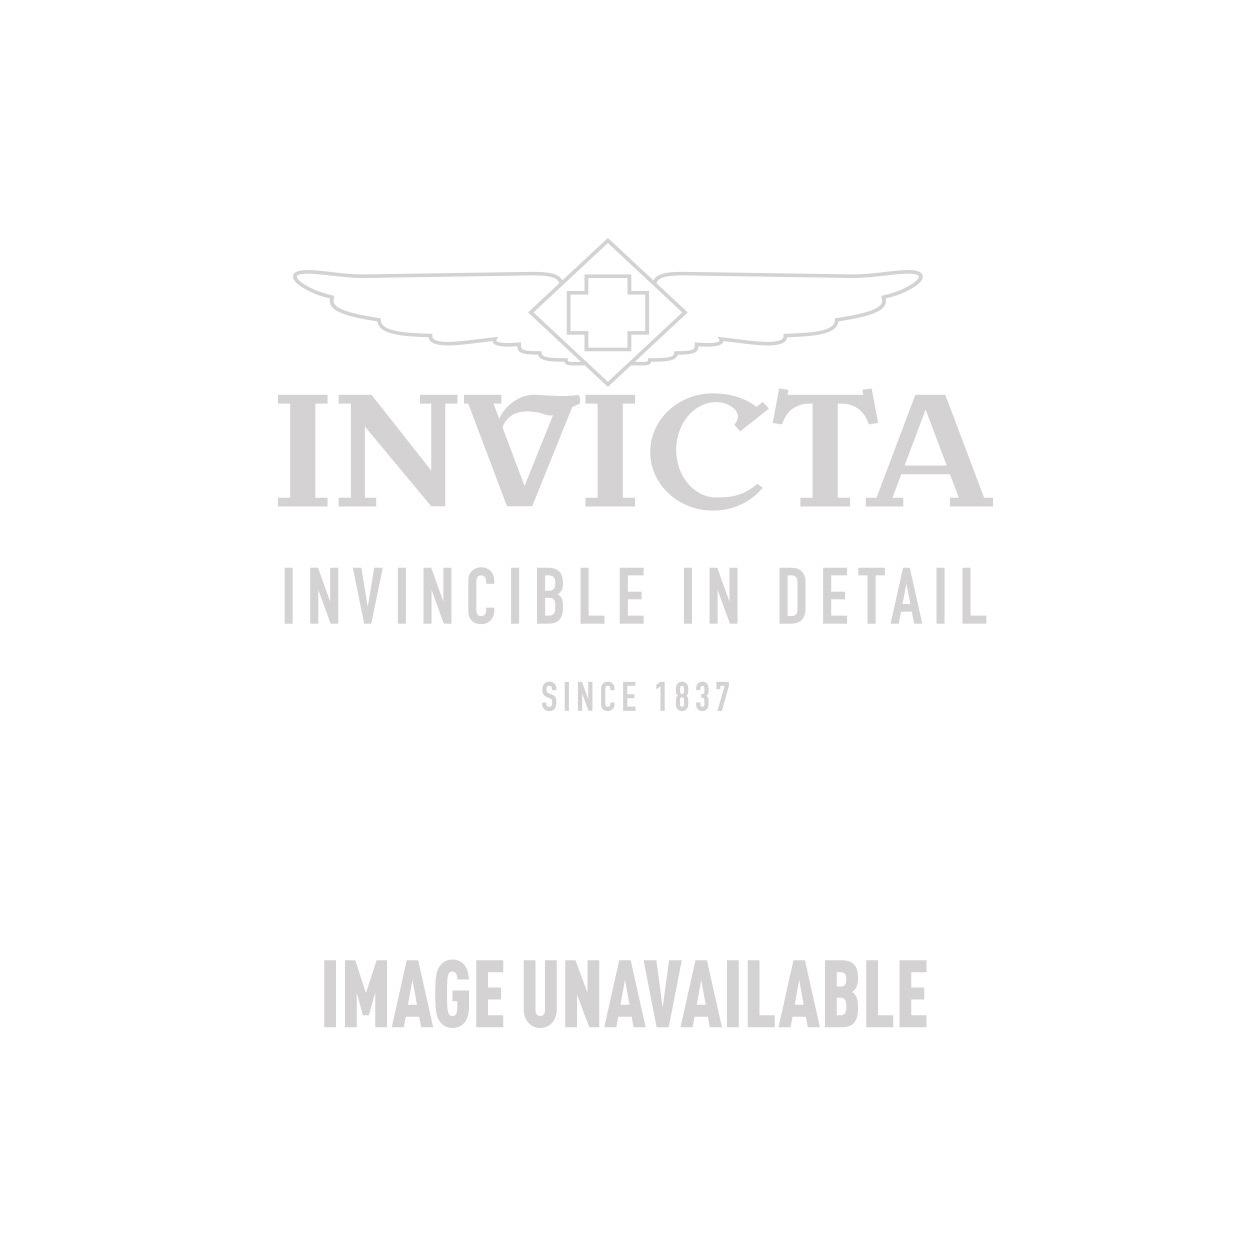 Invicta Model 25162